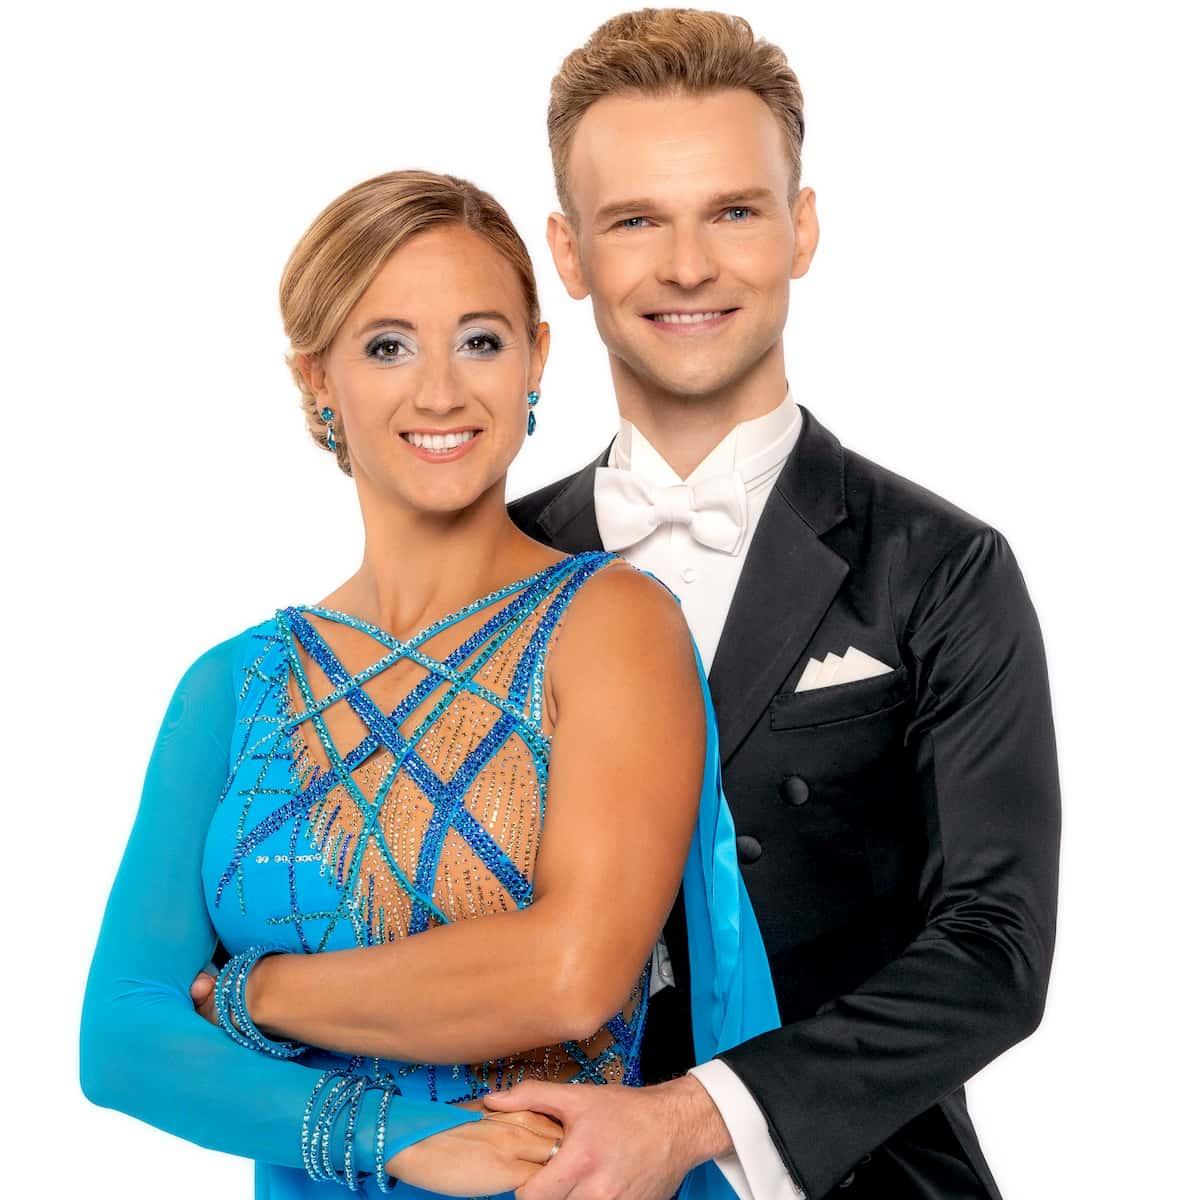 Michi Kirchgasser - Vadim Garbuzov bei den Dancing Stars 2020 als neues Tanzpaar dabei